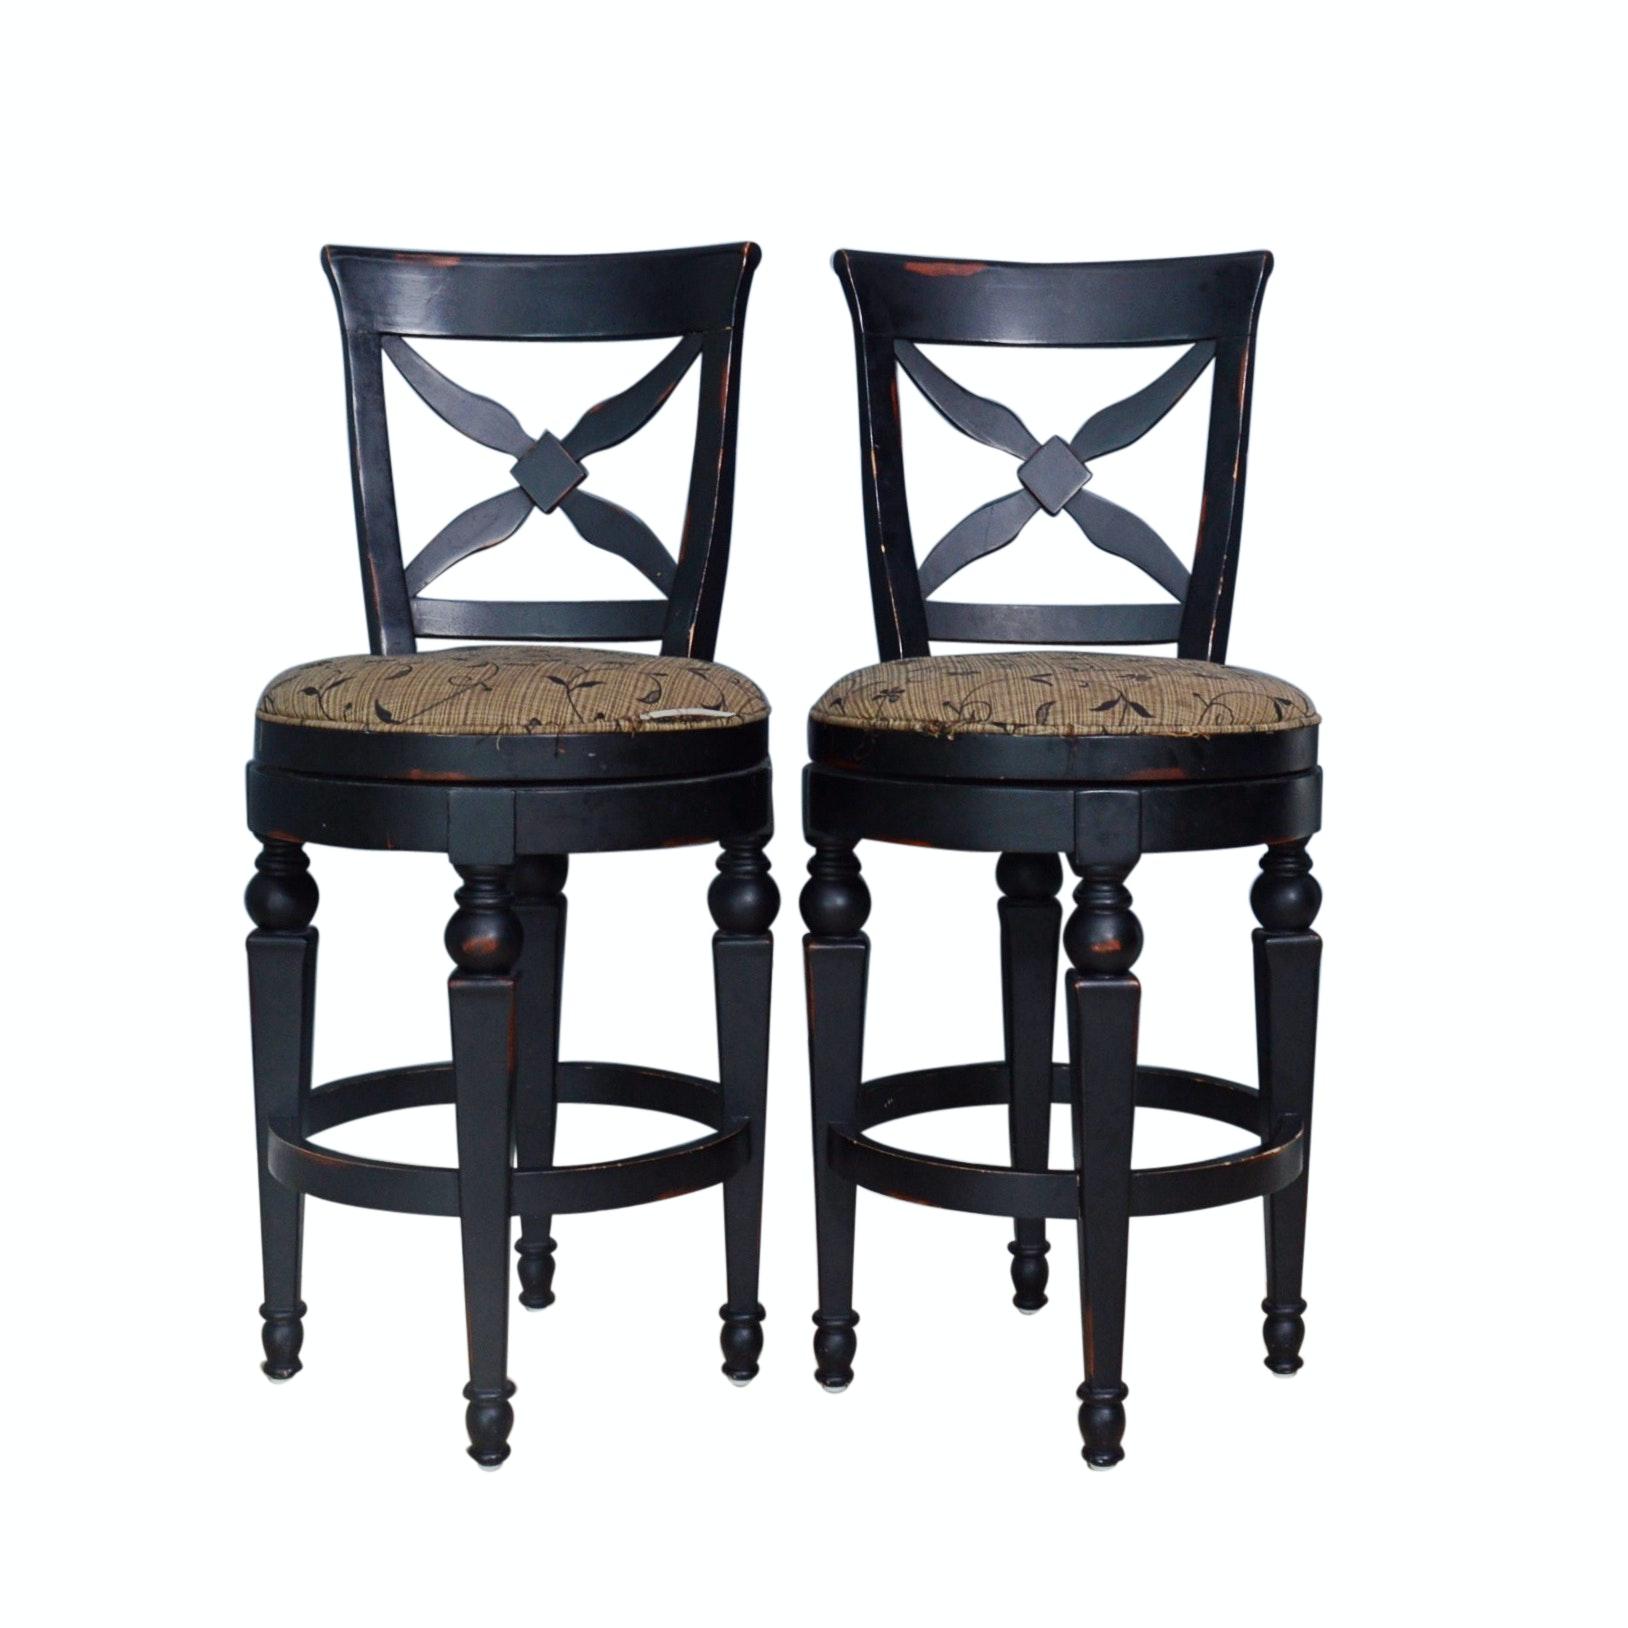 Pair of Swivel Seat Bar Stools